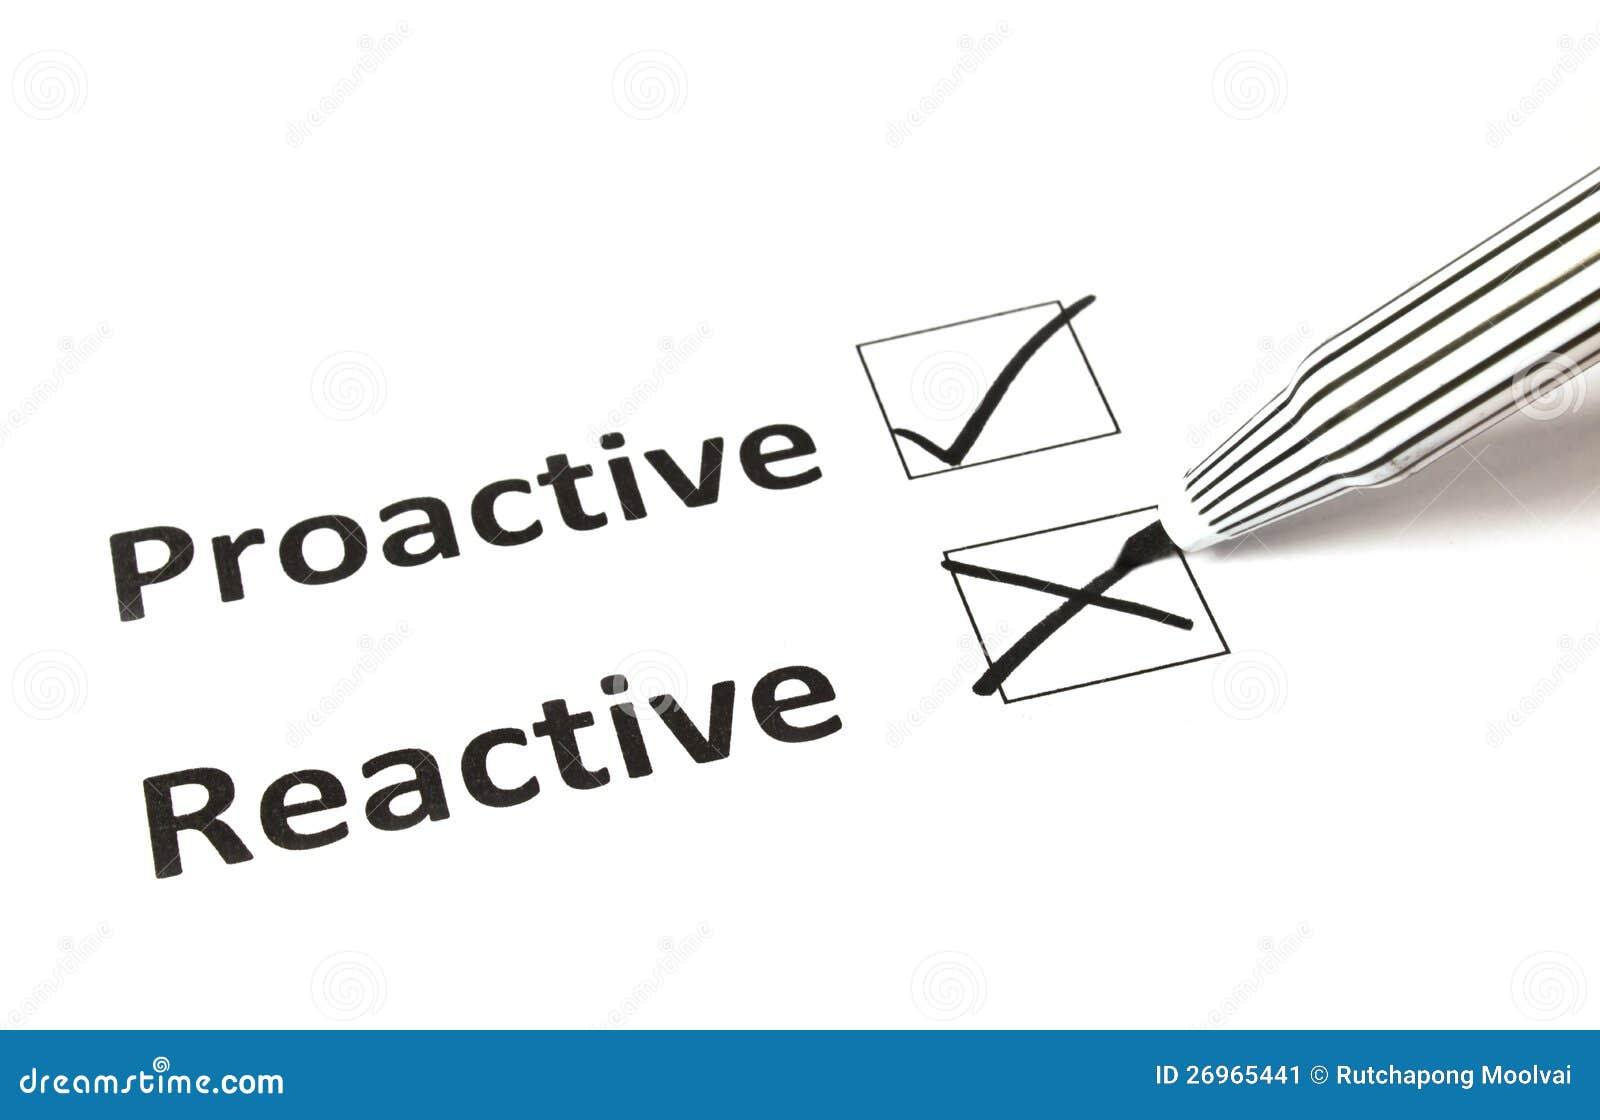 Retrait de craie - réactif ou proactif